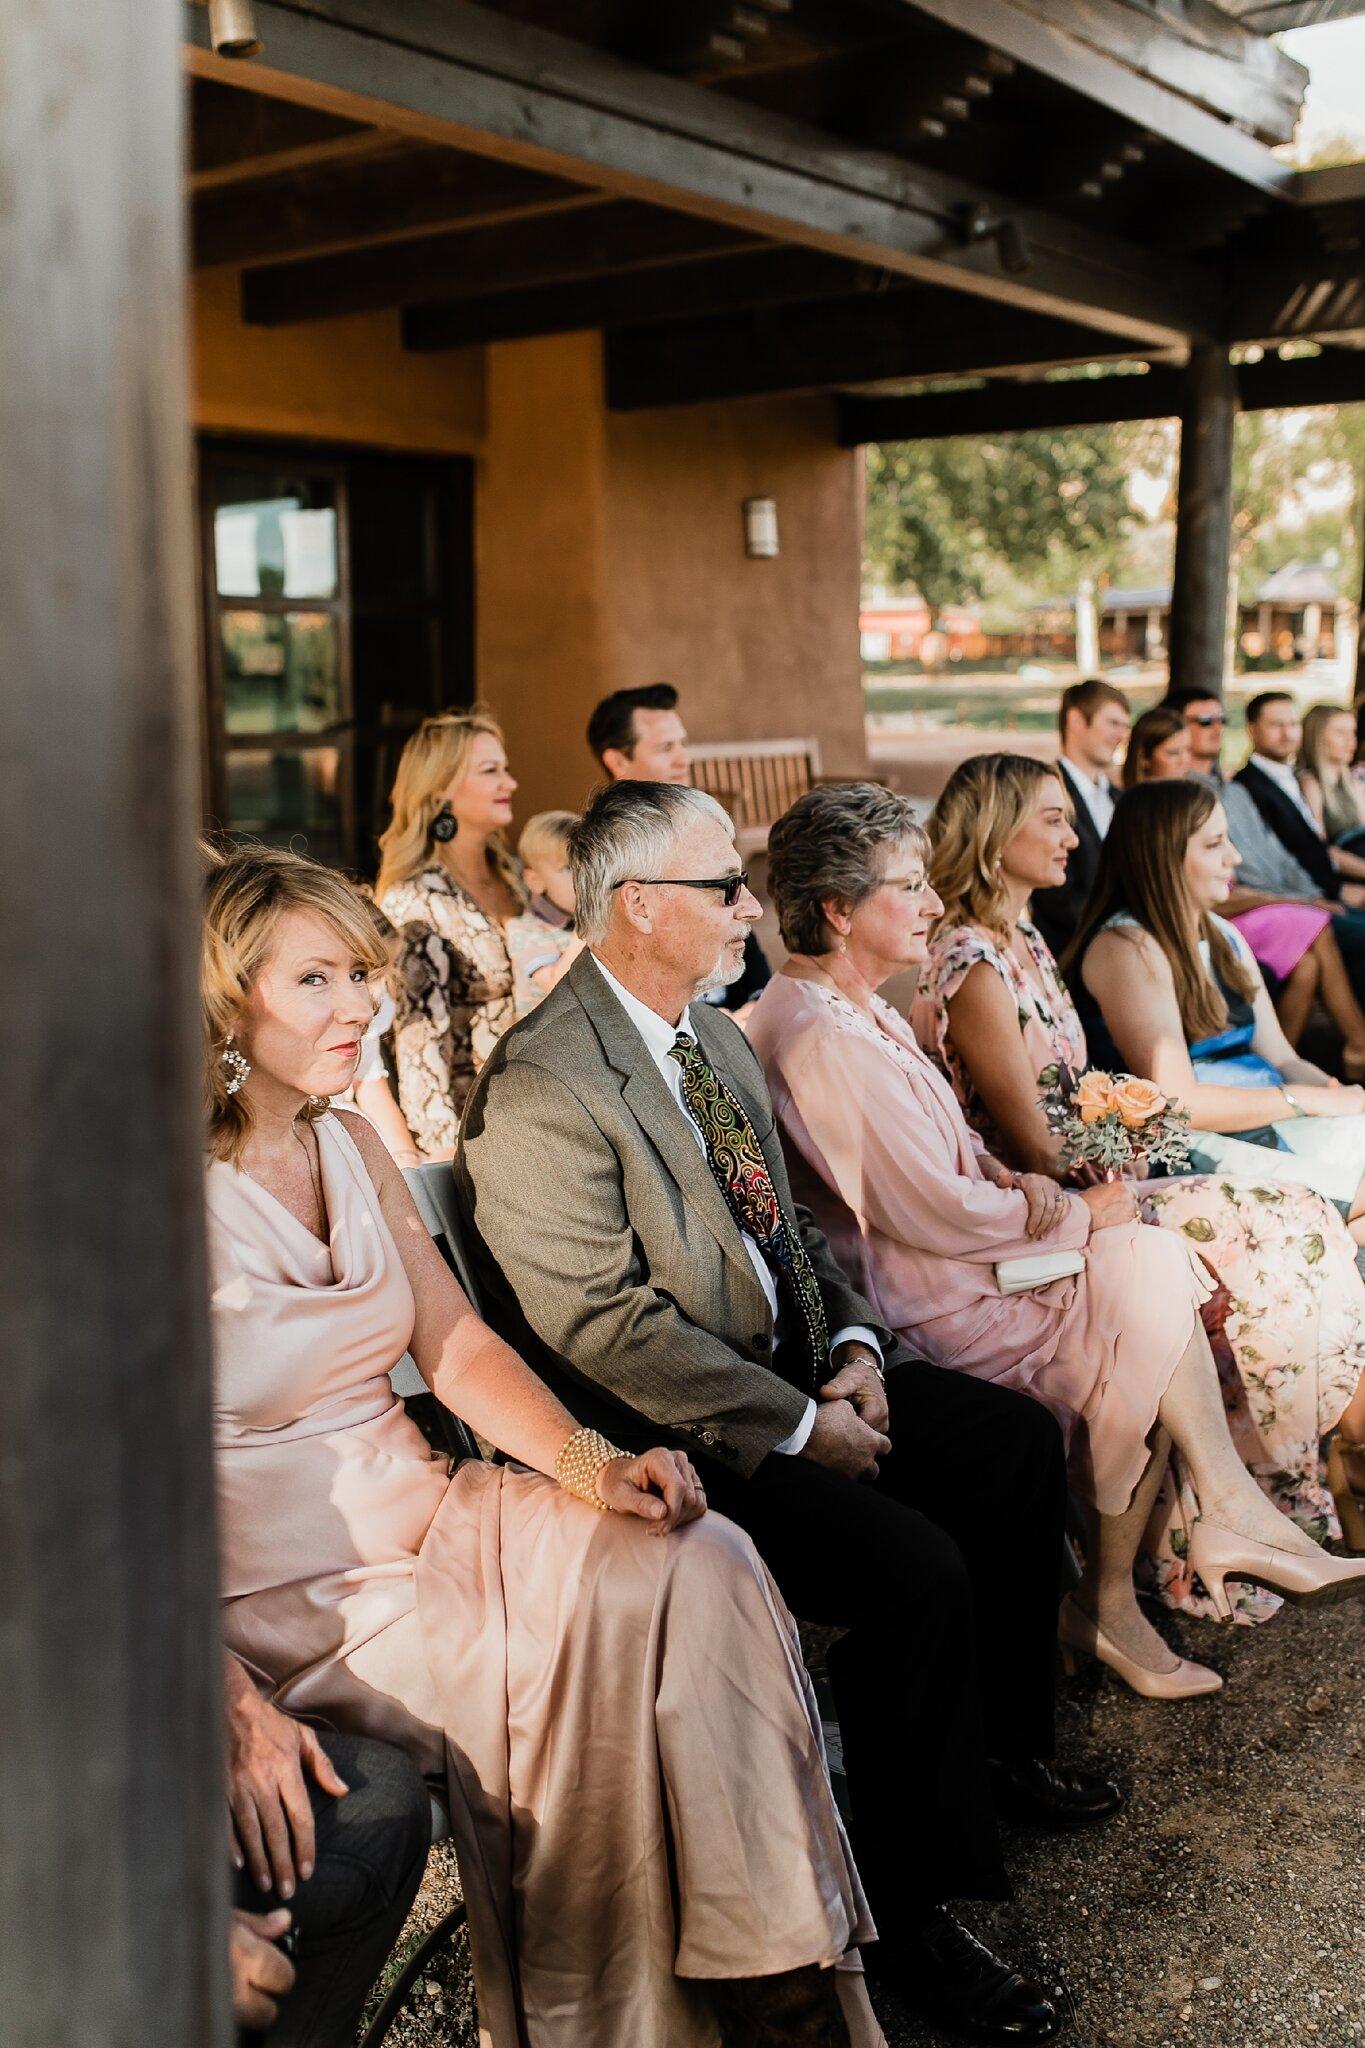 Alicia+lucia+photography+-+albuquerque+wedding+photographer+-+santa+fe+wedding+photography+-+new+mexico+wedding+photographer+-+new+mexico+wedding+-+wedding+-+santa+fe+wedding+-+ghost+ranch+-+ghost+ranch+wedding+-+fall+wedding_0033.jpg